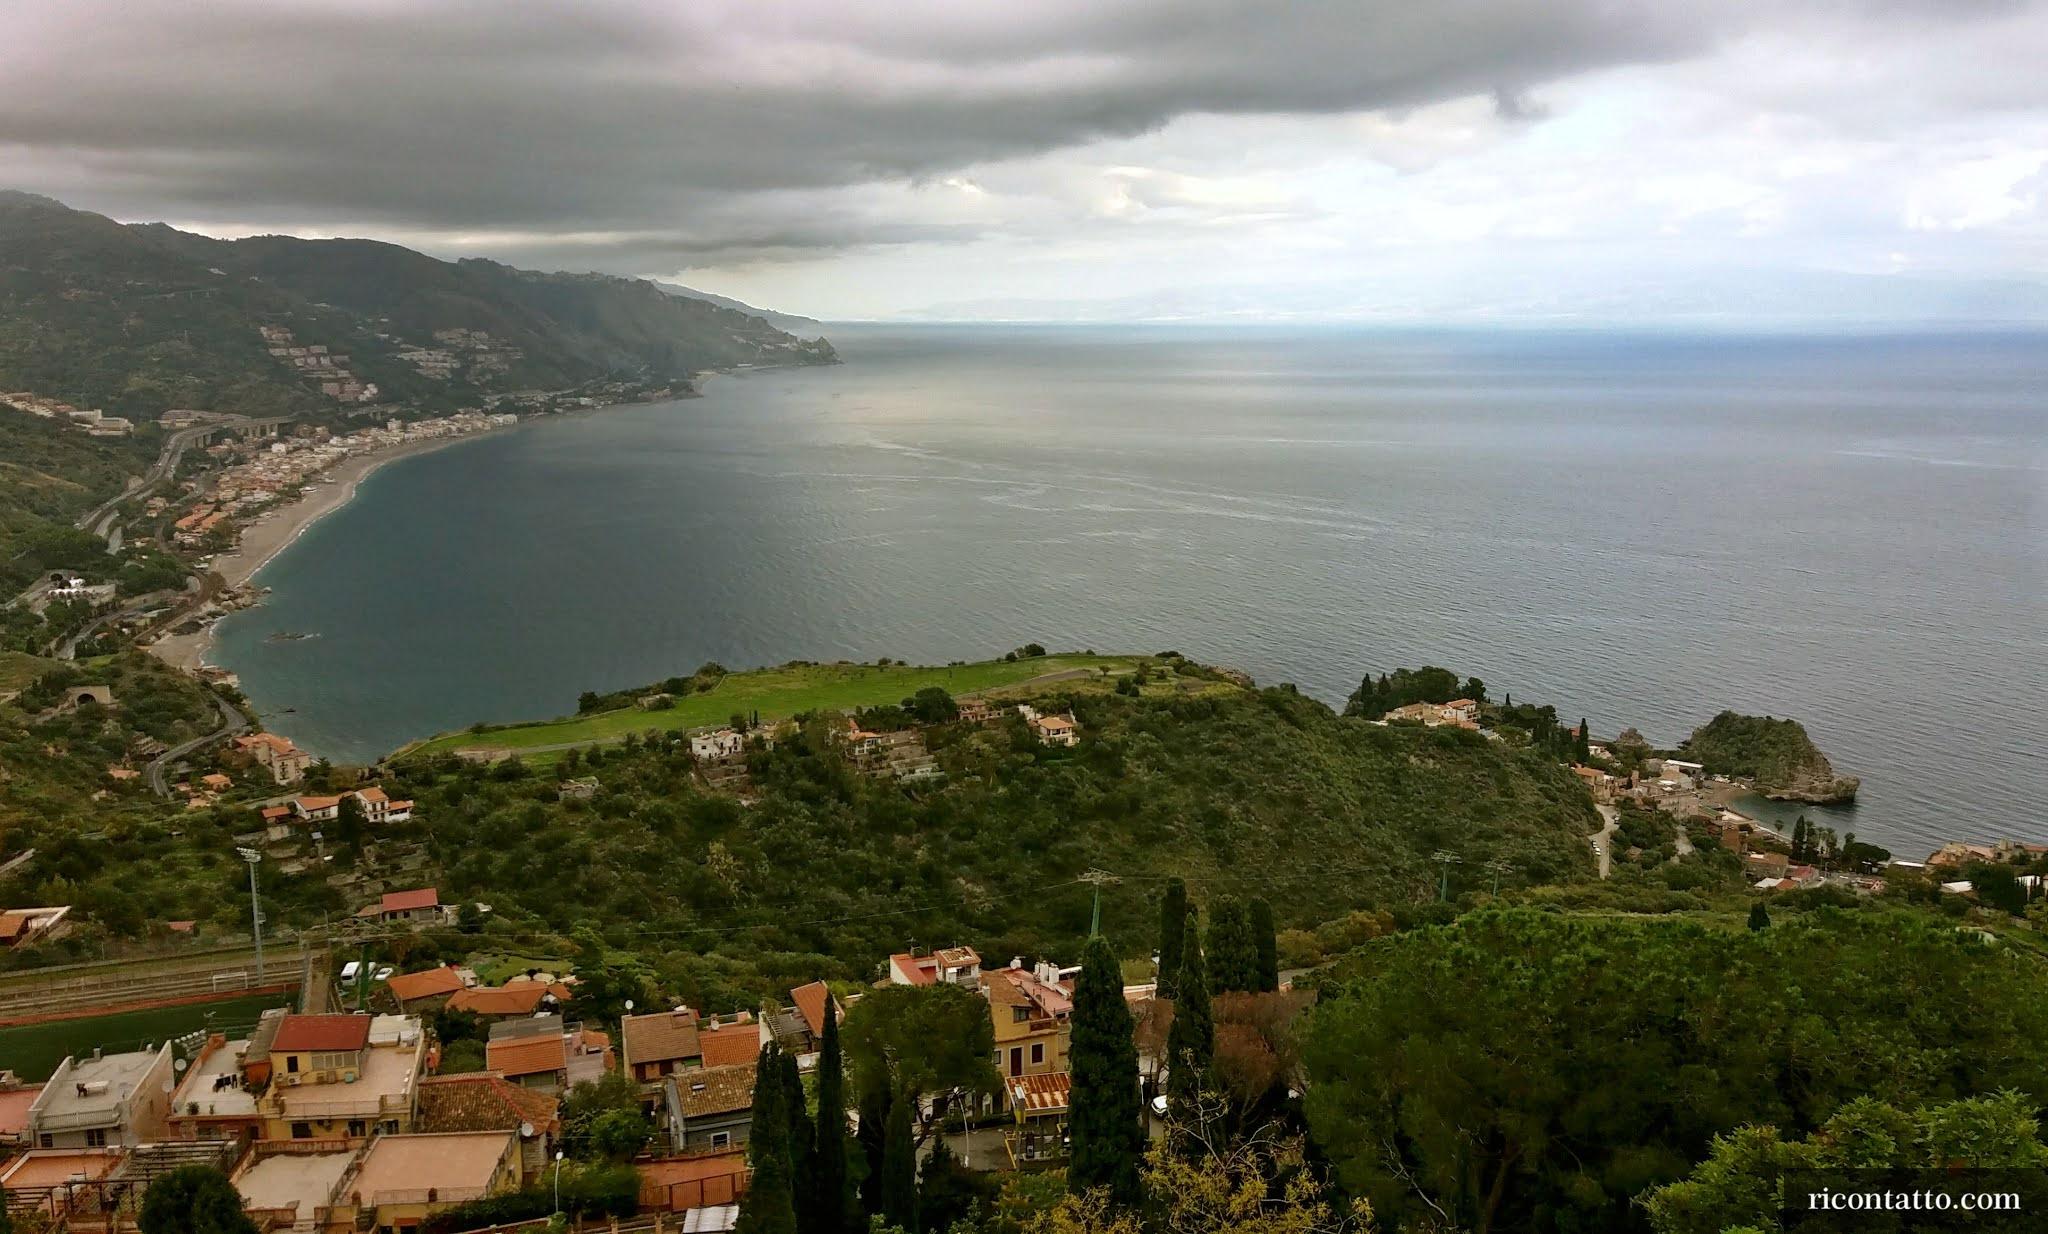 Taormina, Sicilia, Italy - Photo #17 by Ricontatto.com